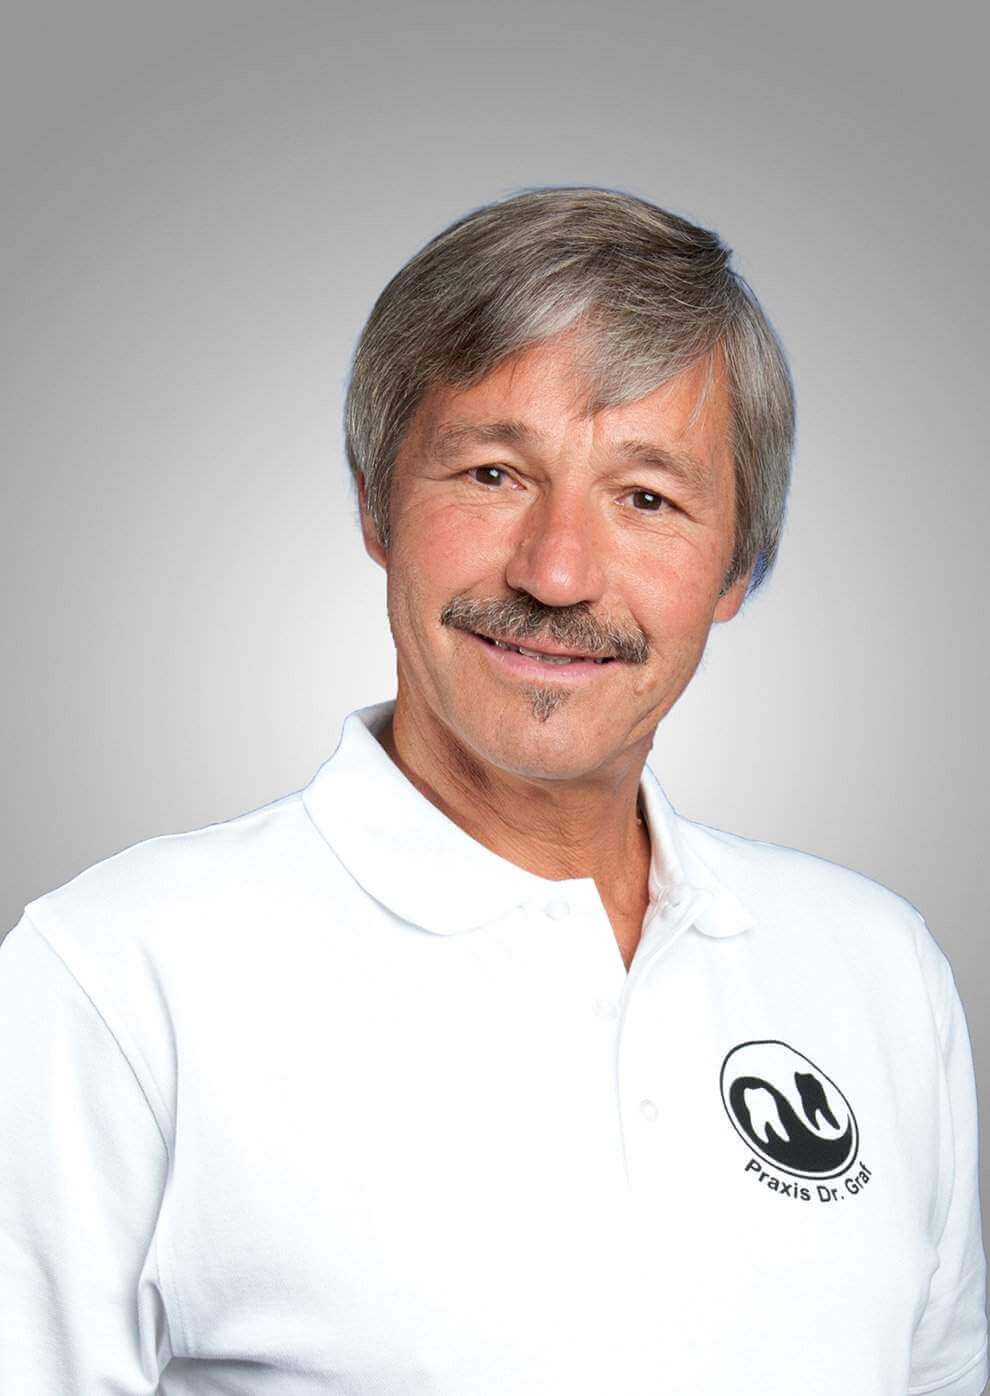 Zahnarzt Dr. Karlheinz Graf Straubing/Ittling